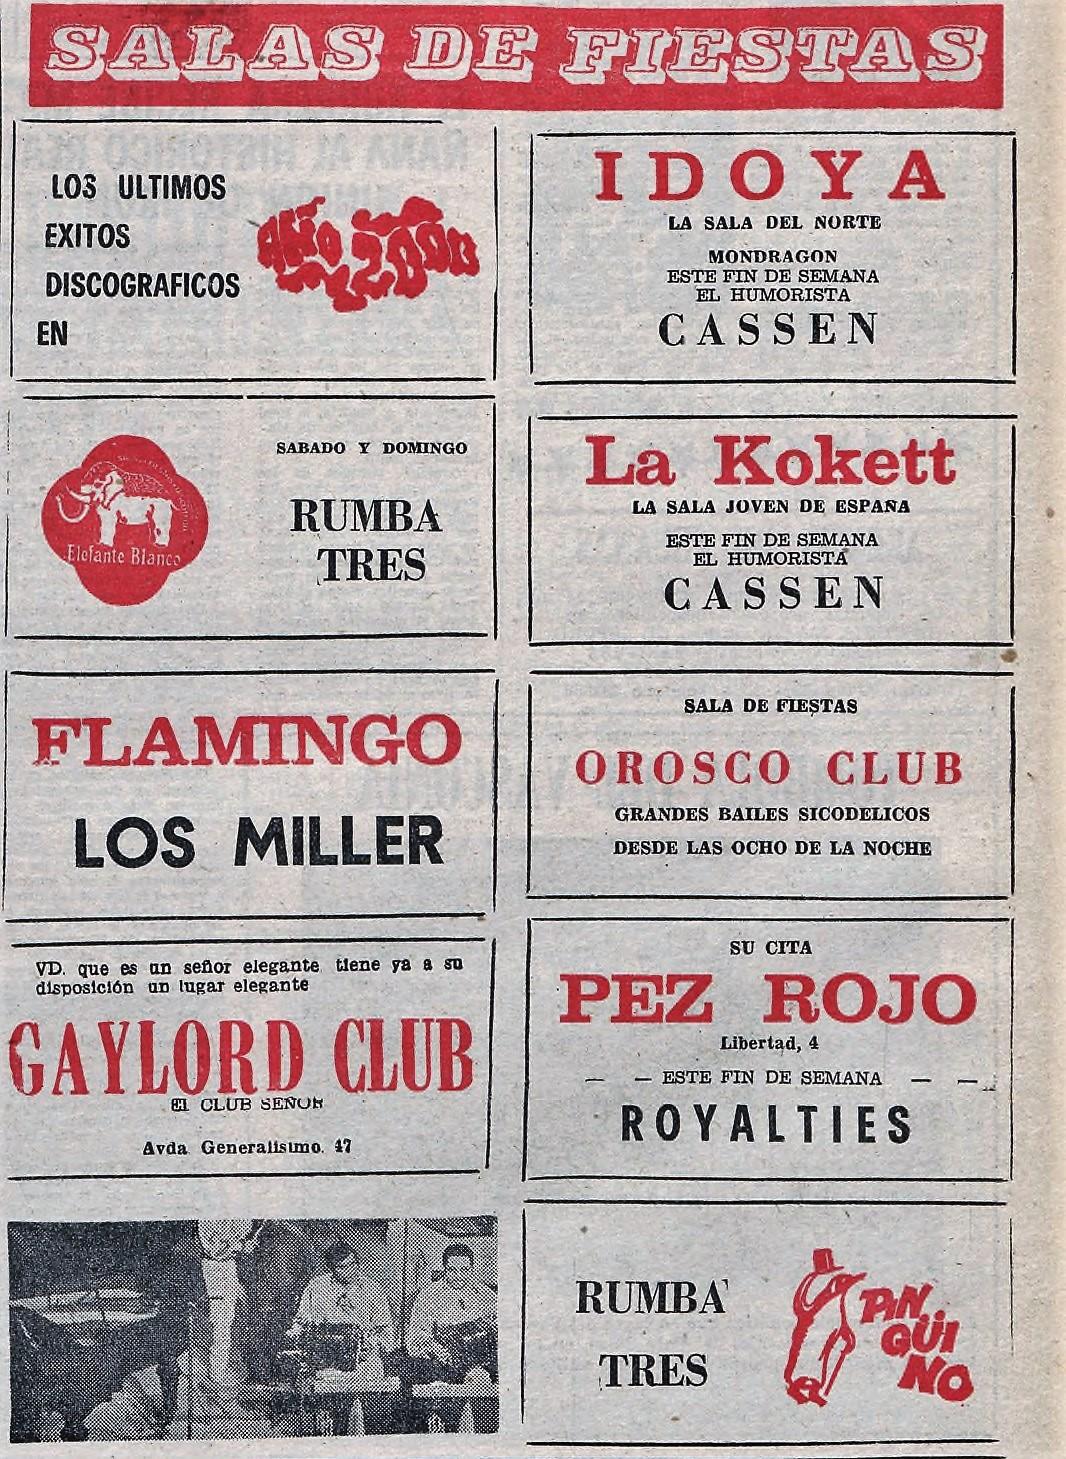 Flamingo, Elefante Blanco, El Pingüino y La Kokett: las discotecas de los 70 en Vitoria | Gasteiz Hoy